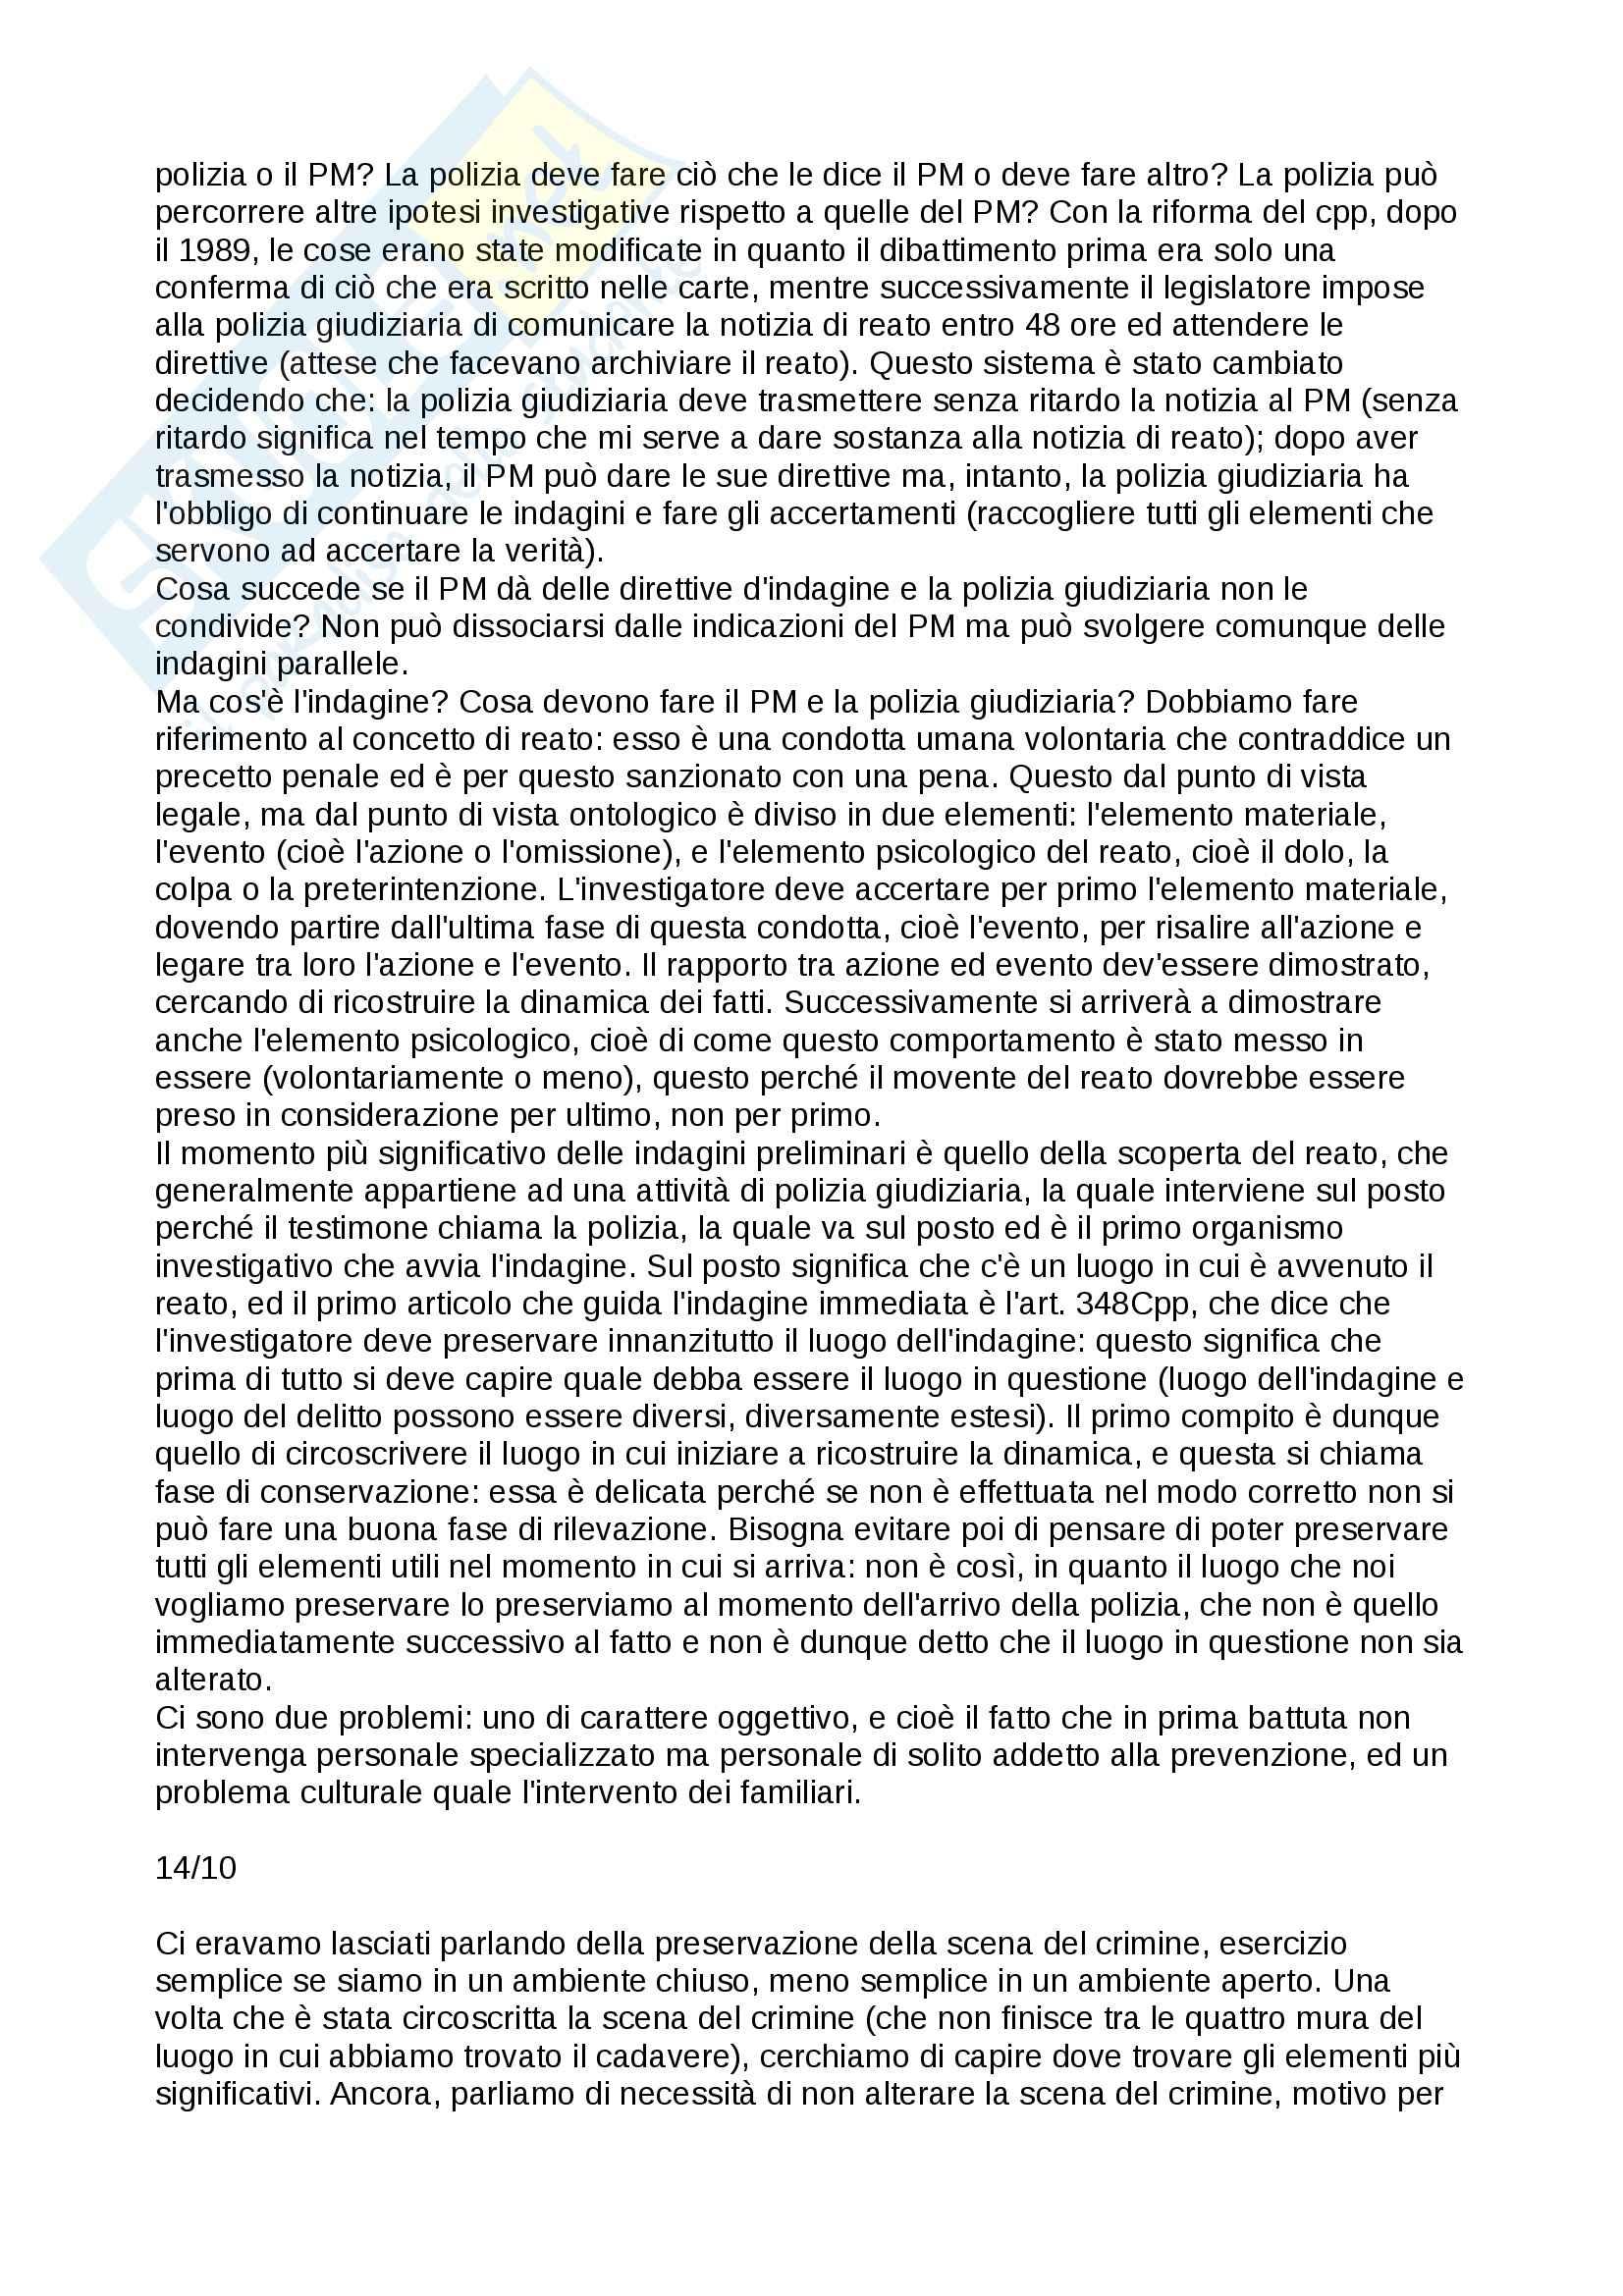 Tecniche investigative applicate - Appunti Pag. 6